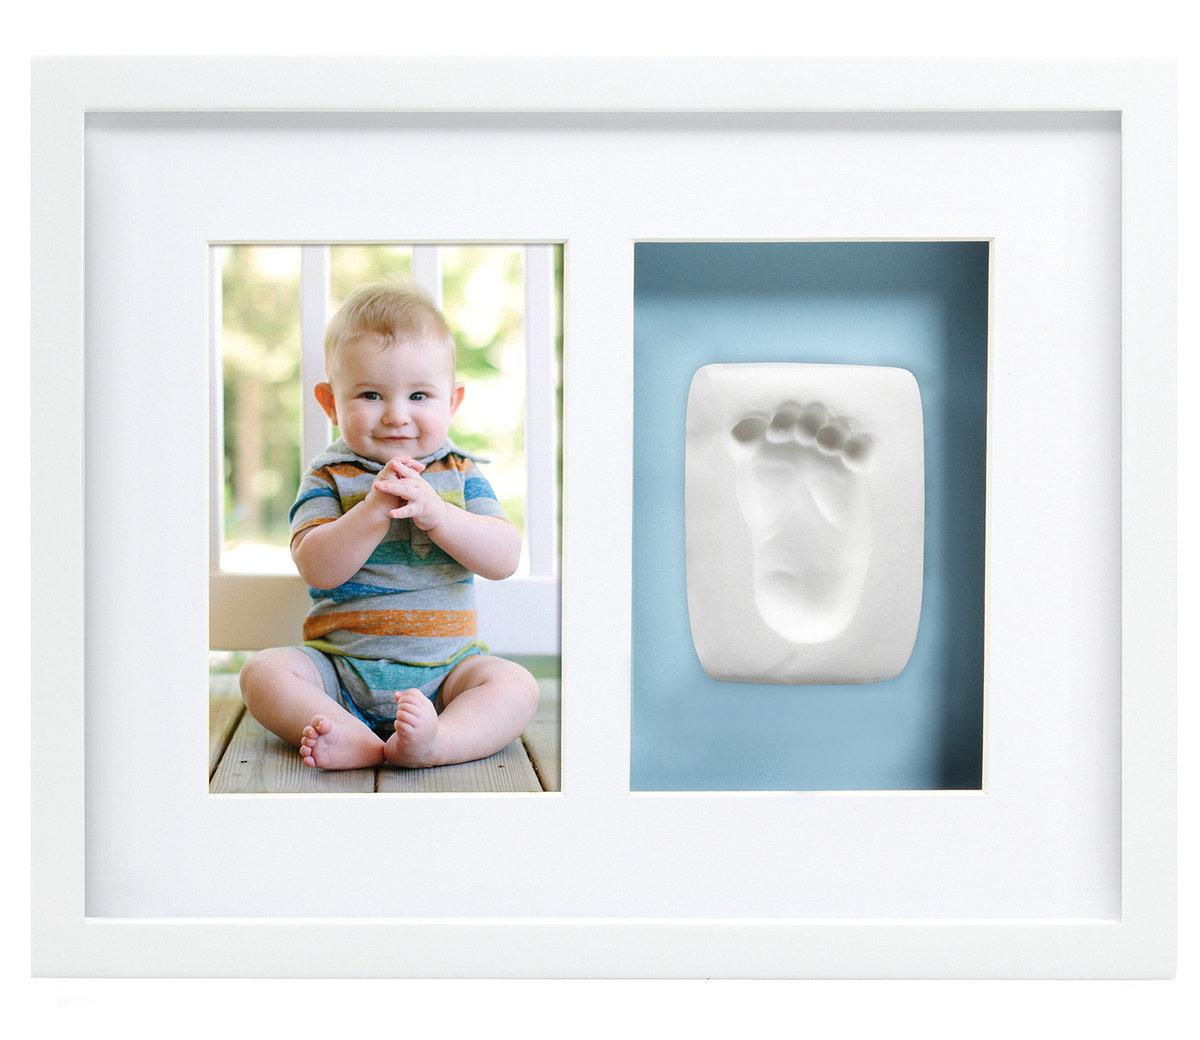 寶寶掌印掛牆相框 – 白色